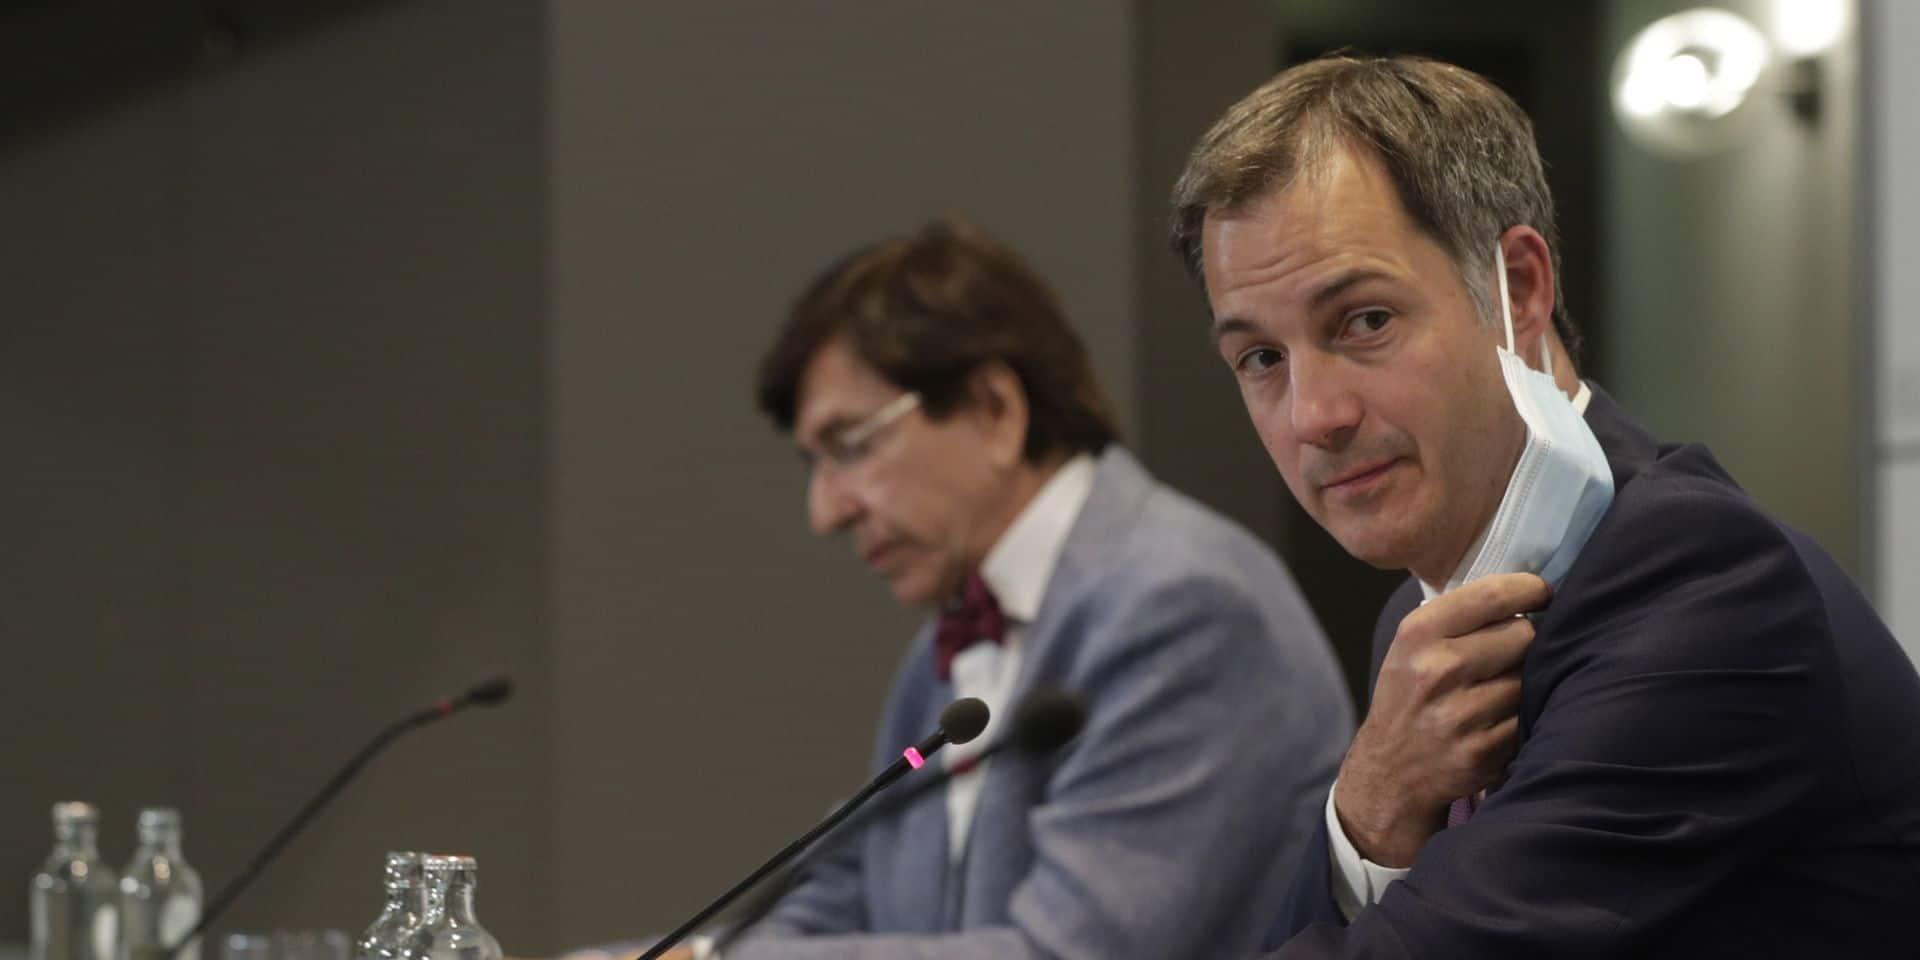 Intempéries : le fédéral confirme un prêt de 1,2 milliard à la Wallonie pour aider les sinistrés